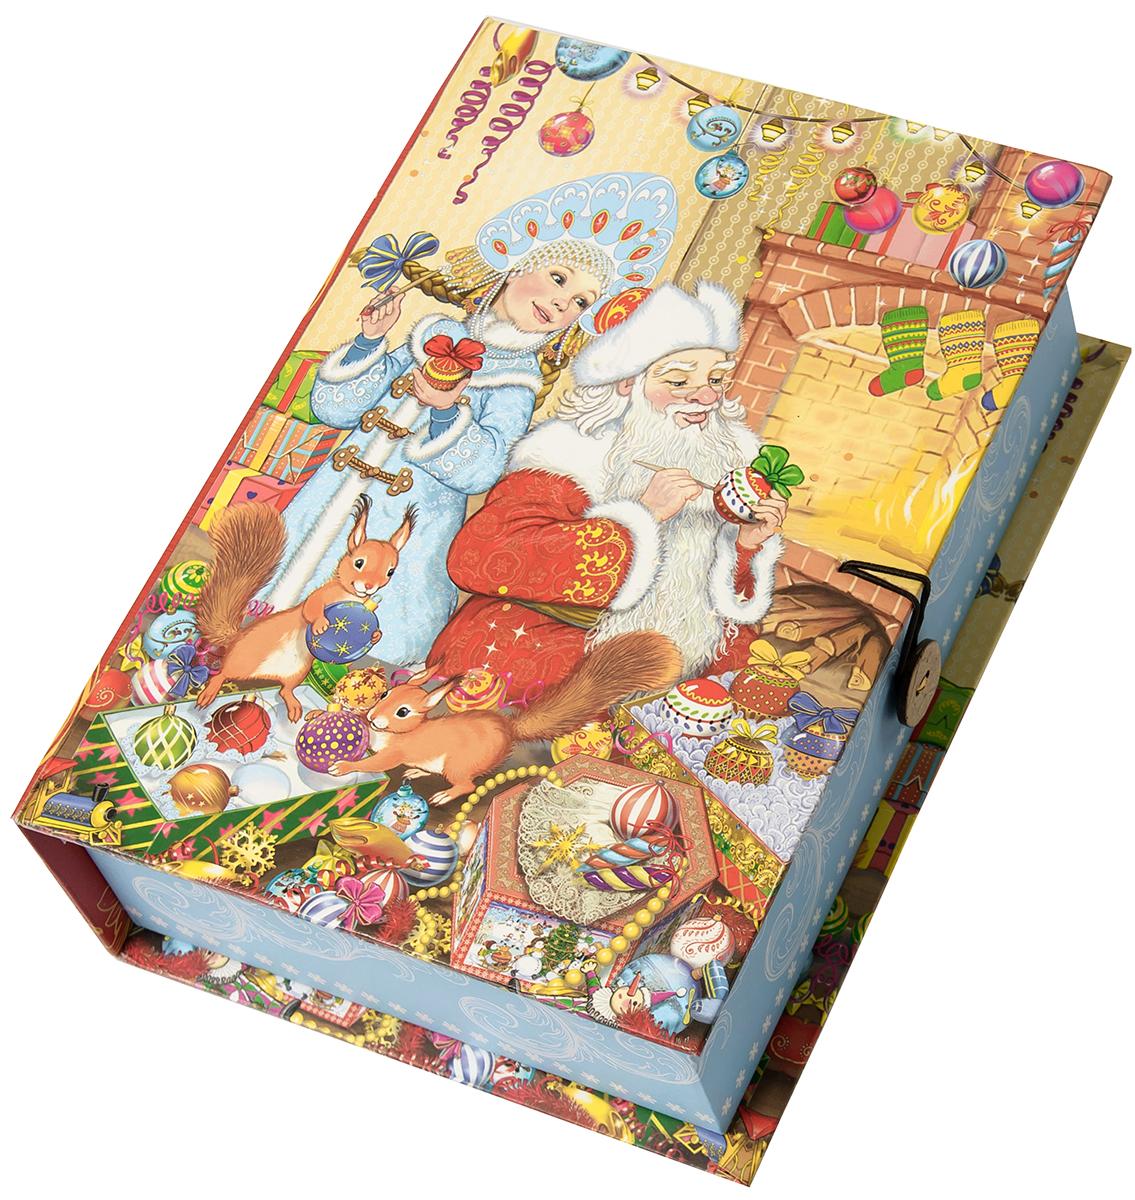 Коробка подарочная Magic Time Внучка Деда Мороза, размер M. 7504175041Подарочная коробка Magic Time, выполненная из мелованного, ламинированного картона, закрывается на пуговицу. Крышка оформлена декоративным рисунком.Подарочная коробка - это наилучшее решение, если вы хотите порадовать ваших близких и создать праздничное настроение, ведь подарок, преподнесенный в оригинальной упаковке, всегда будет самым эффектным и запоминающимся. Окружите близких людей вниманием и заботой, вручив презент в нарядном, праздничном оформлении.Плотность картона: 1100 г/м2.